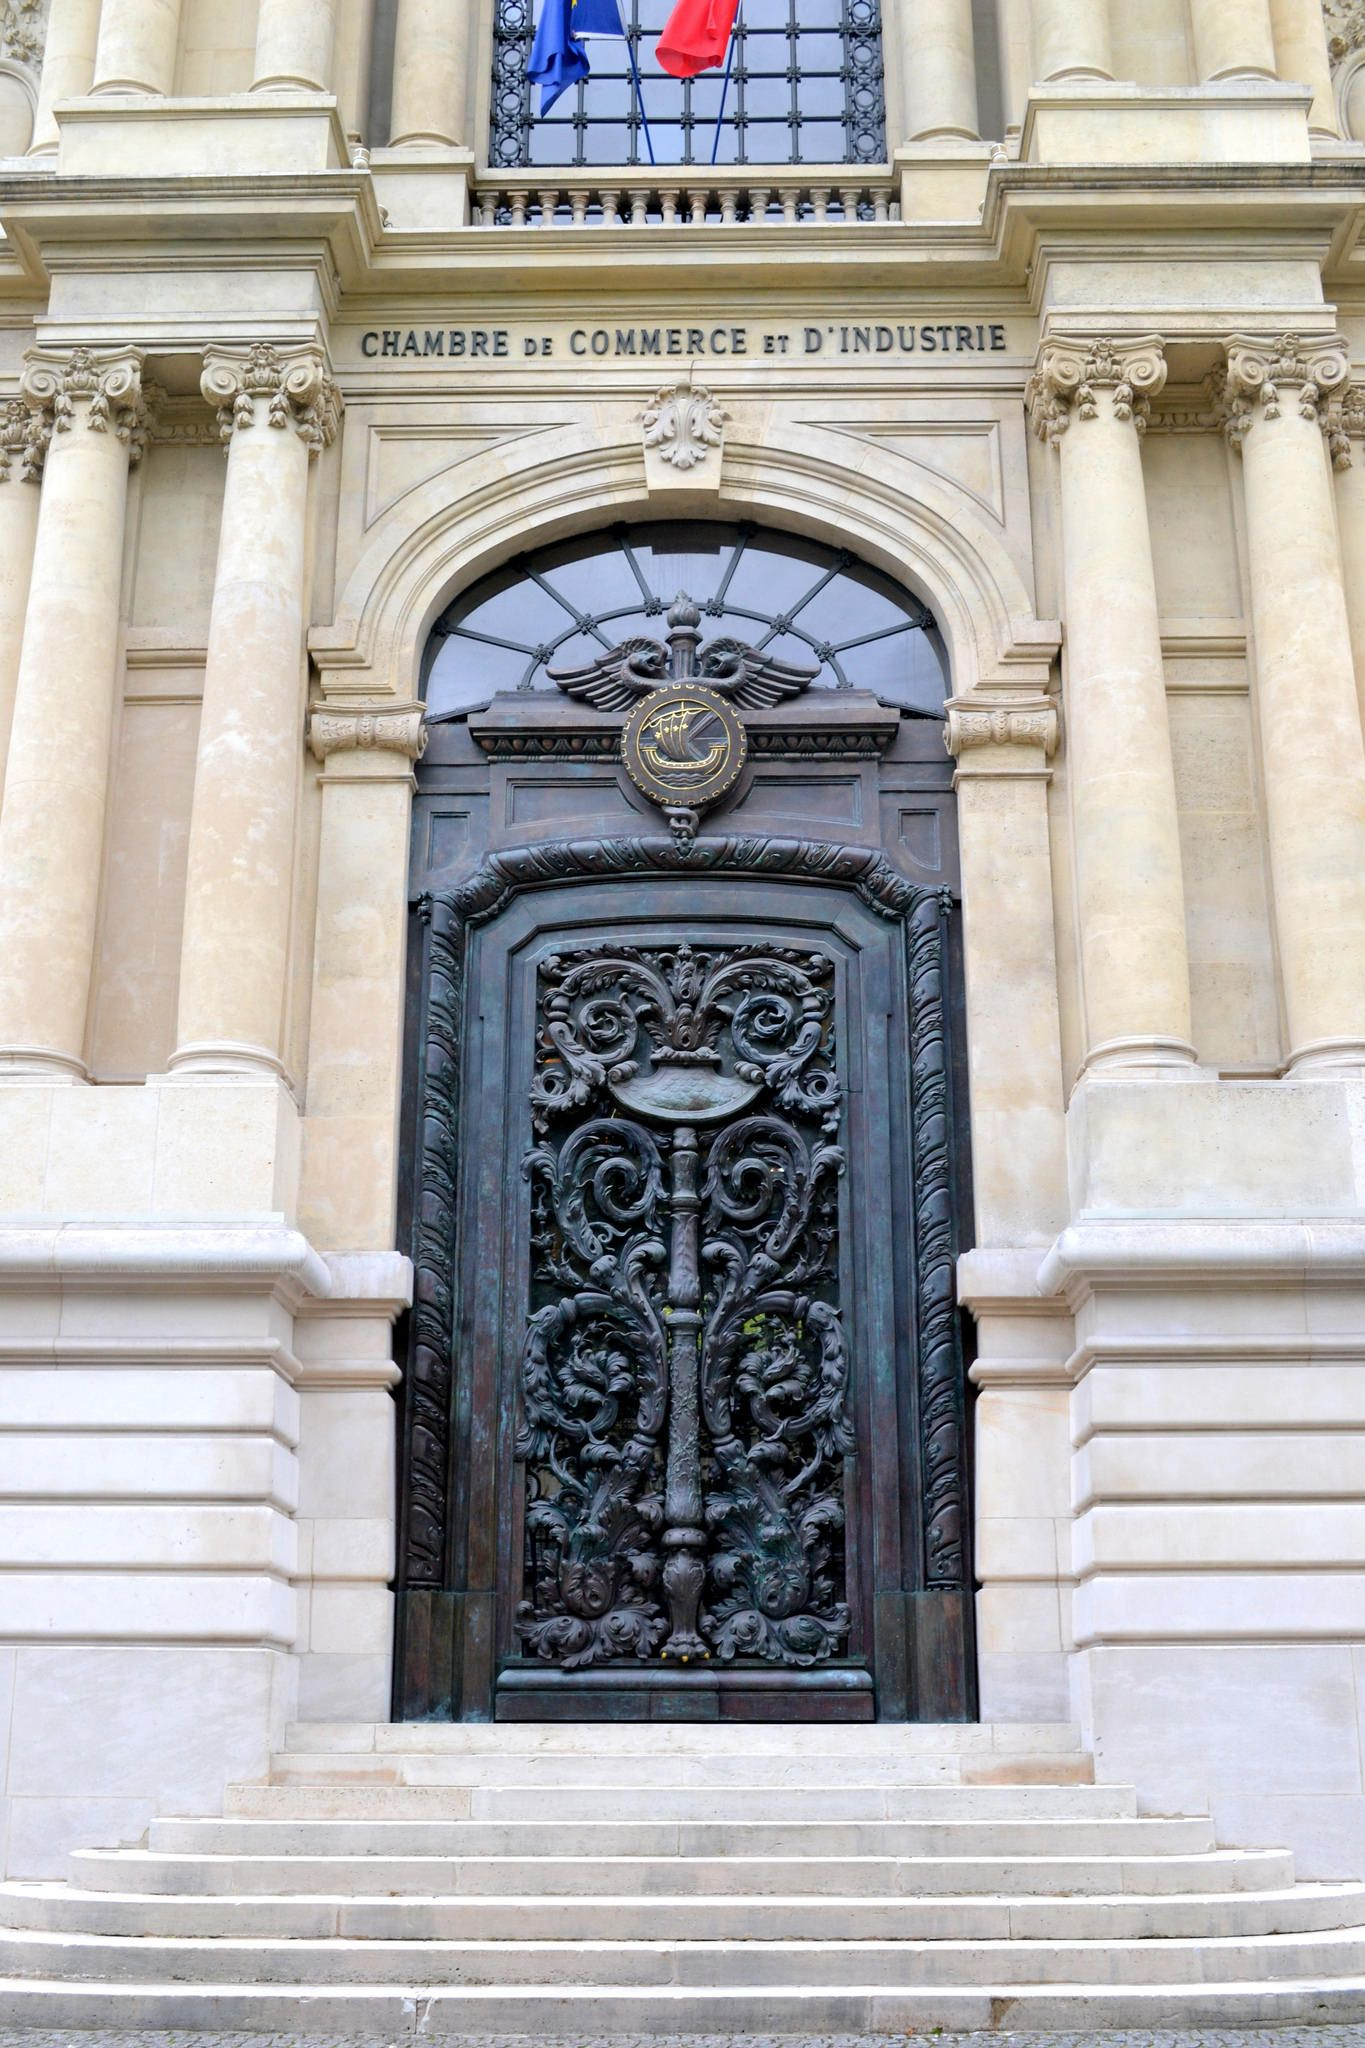 L 39 h tel potocki class monument historique aujourd 39 hui for Chambre de commerce a paris adresse